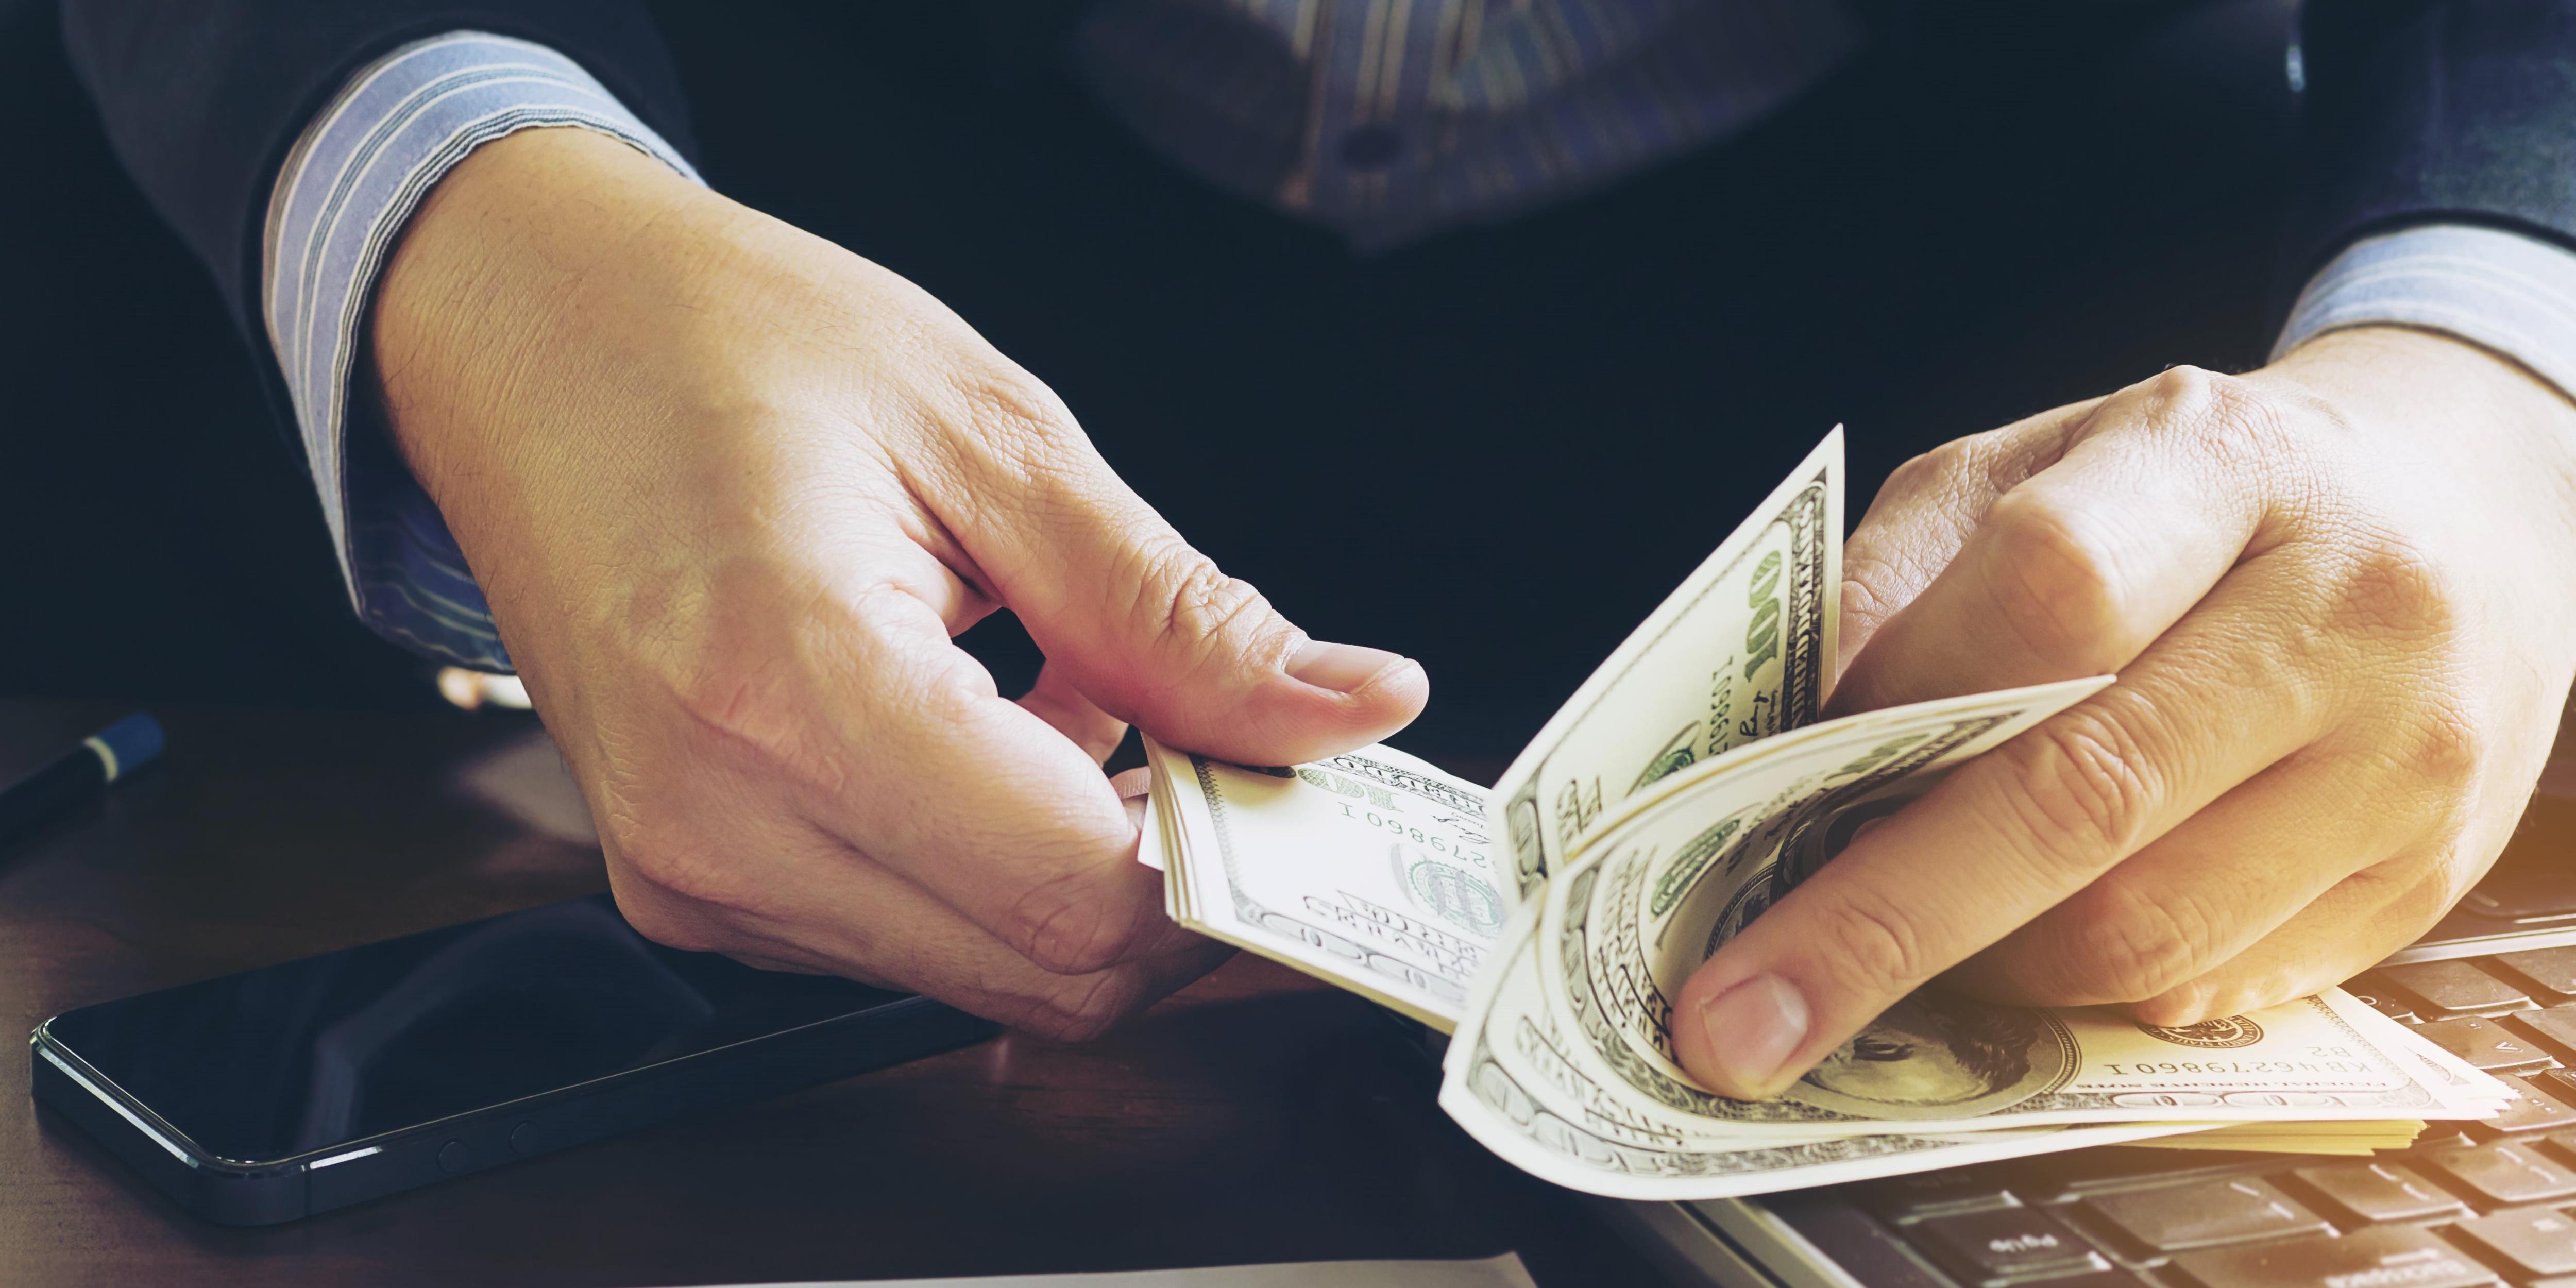 Receita: reembolso de despesa é receita das prestadoras de serviços